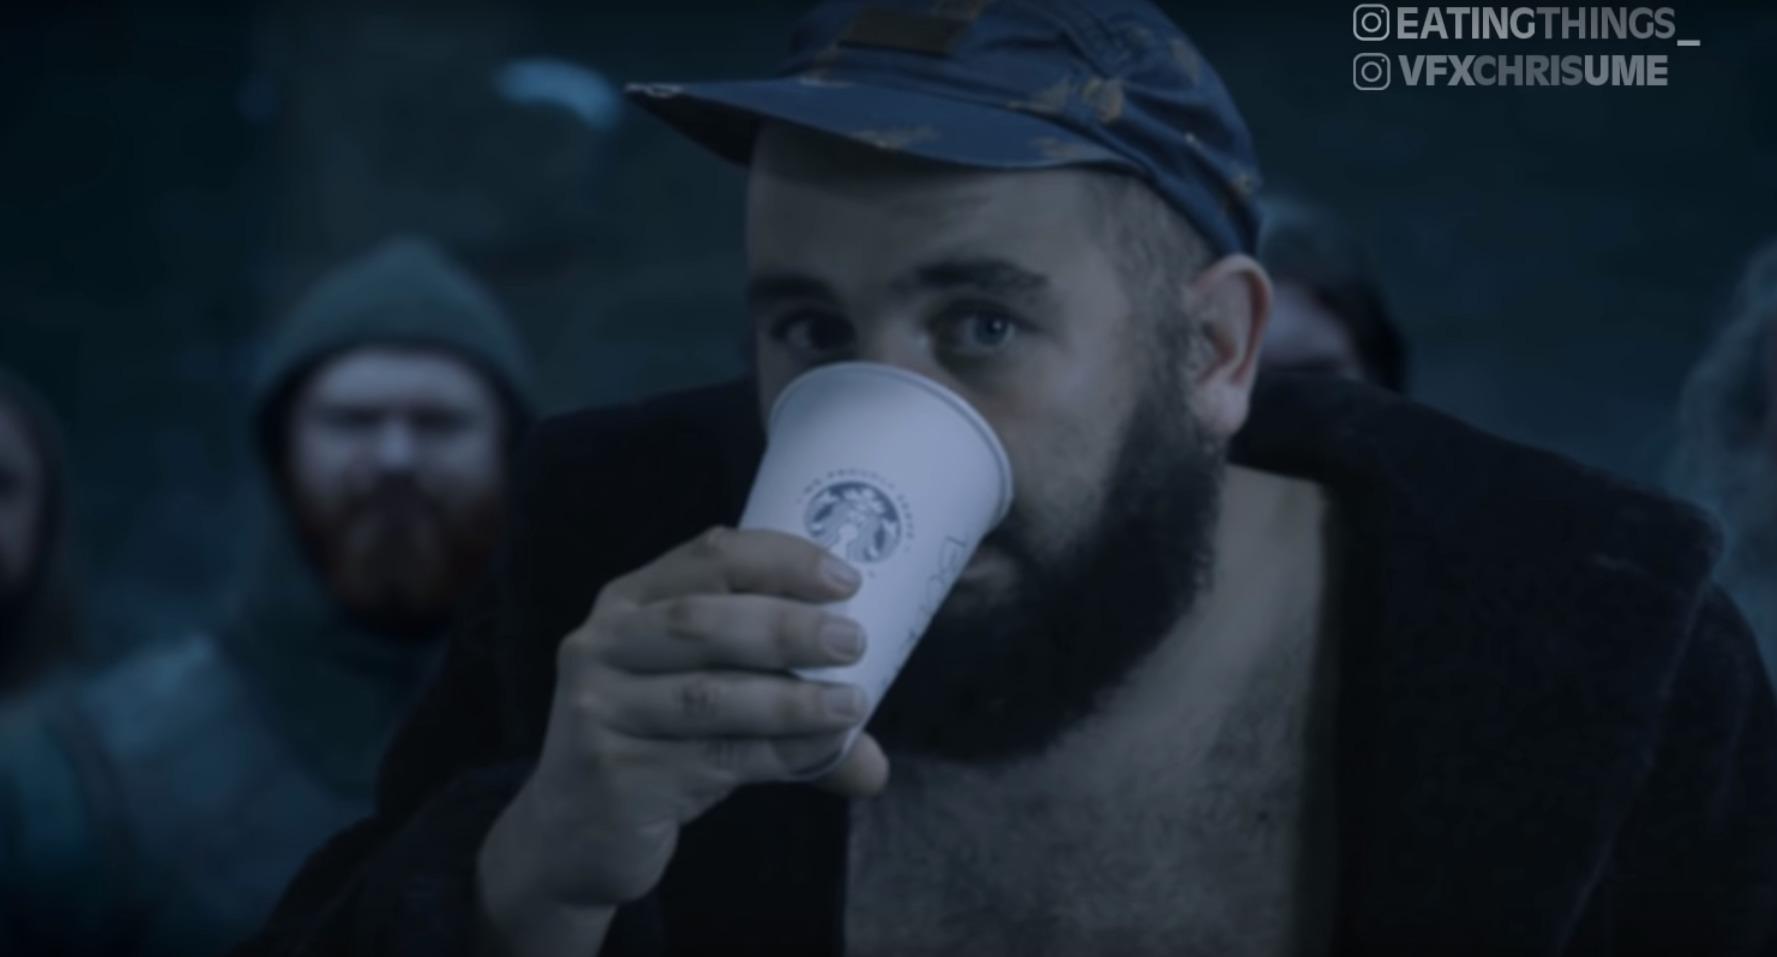 Un nuevo video deepfake ofrece disculpas por el final de Game of Thrones